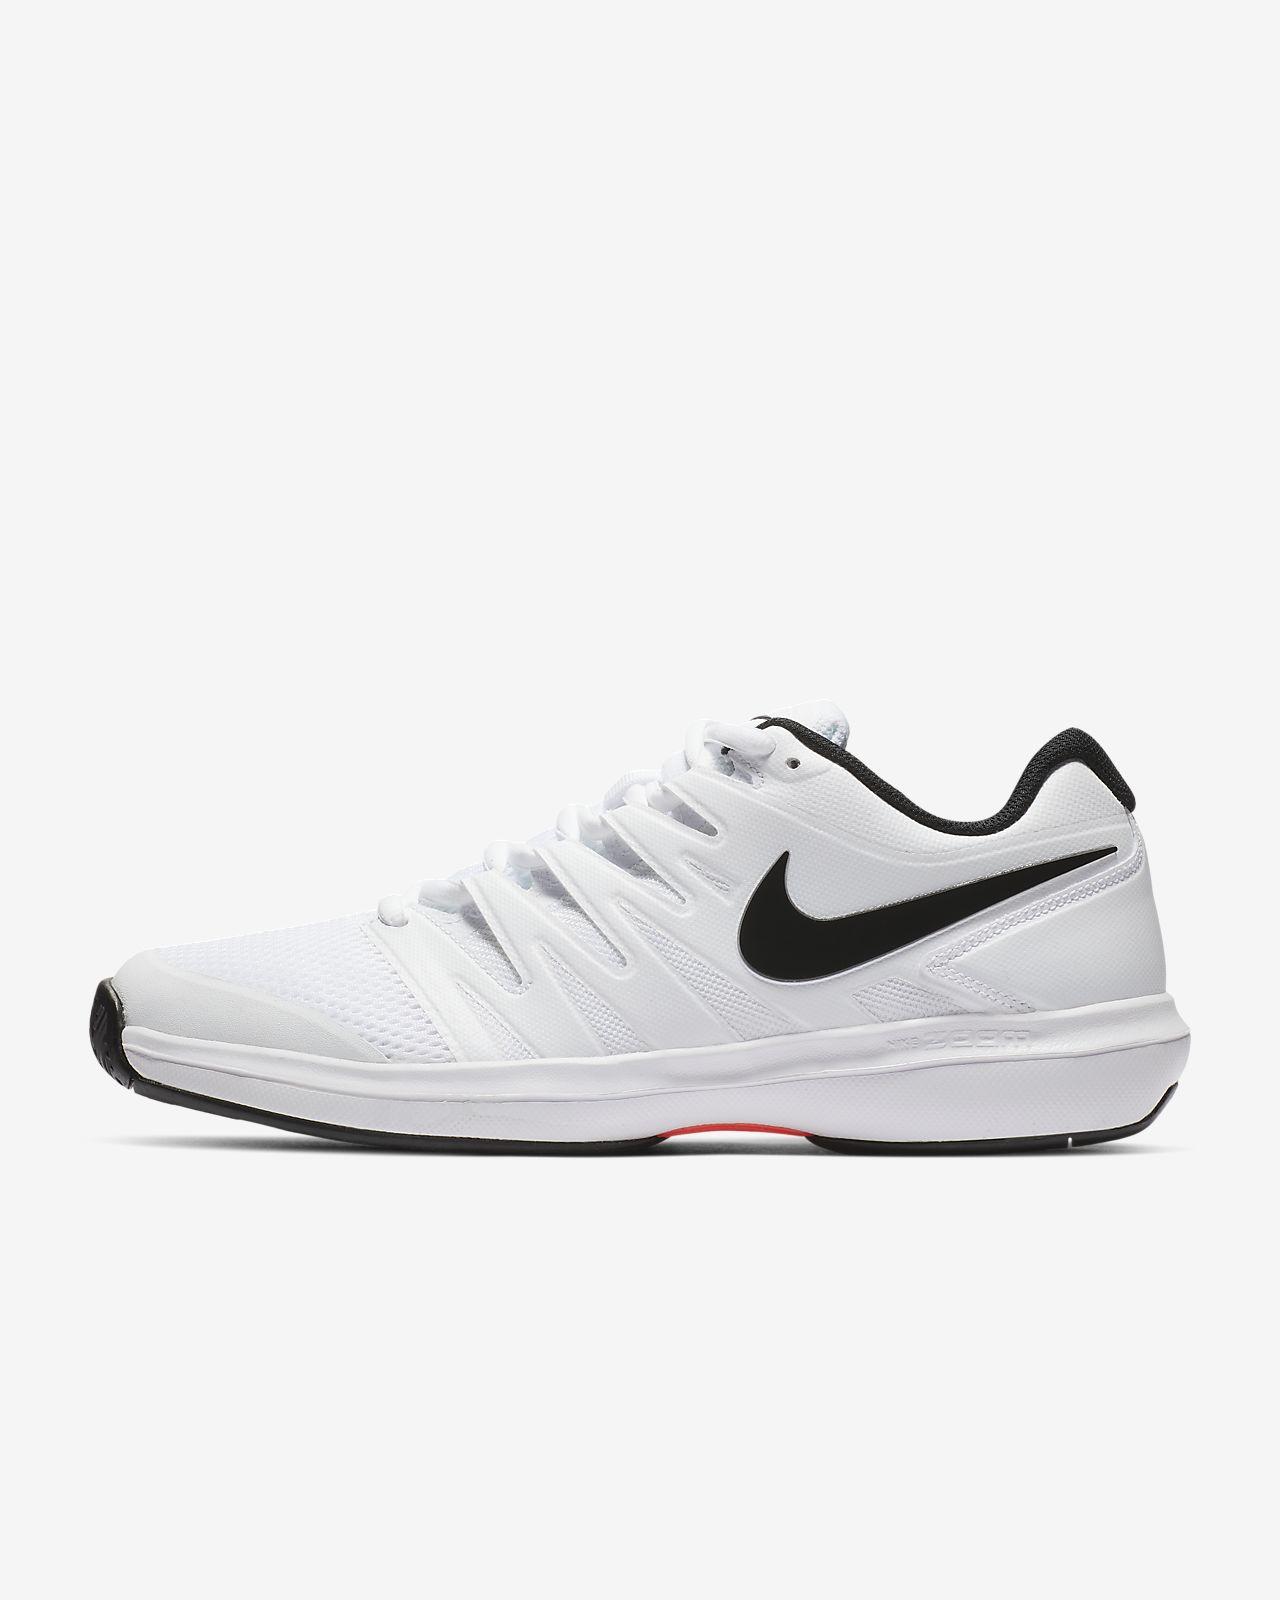 รองเท้าเทนนิสผู้ชาย NikeCourt Air Zoom Prestige